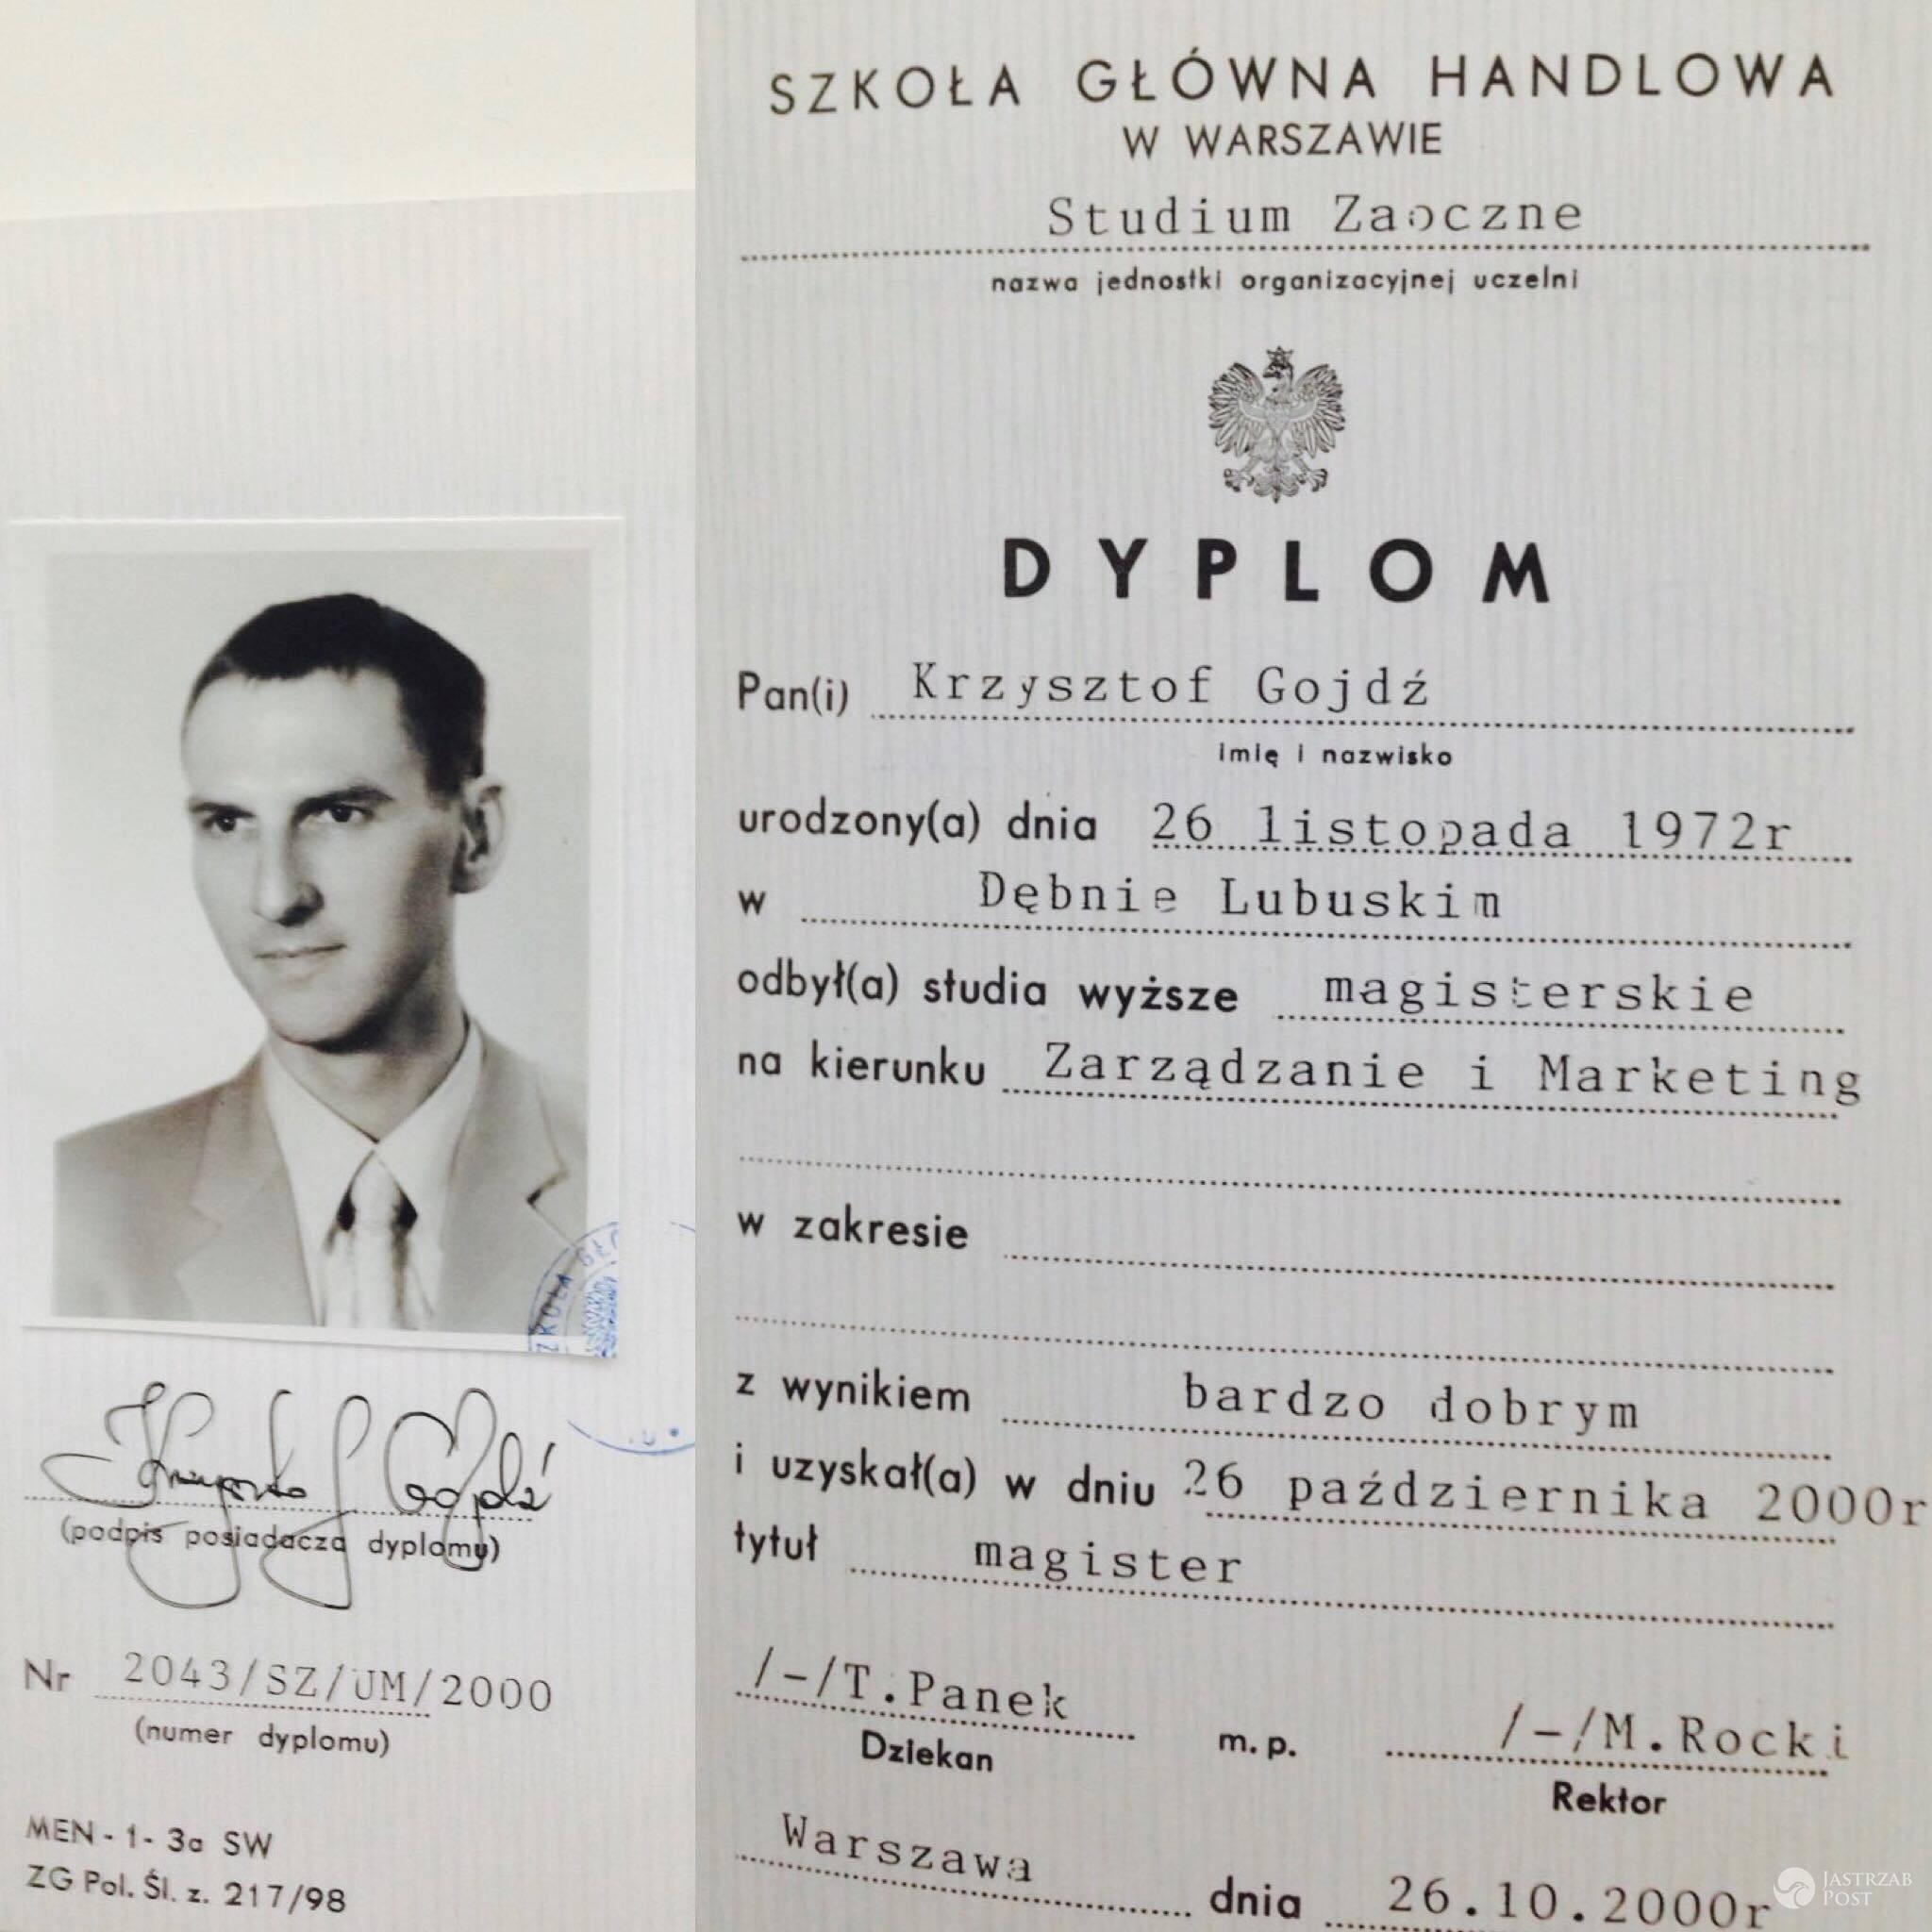 Dyplom Krzysztofa Gojdzia